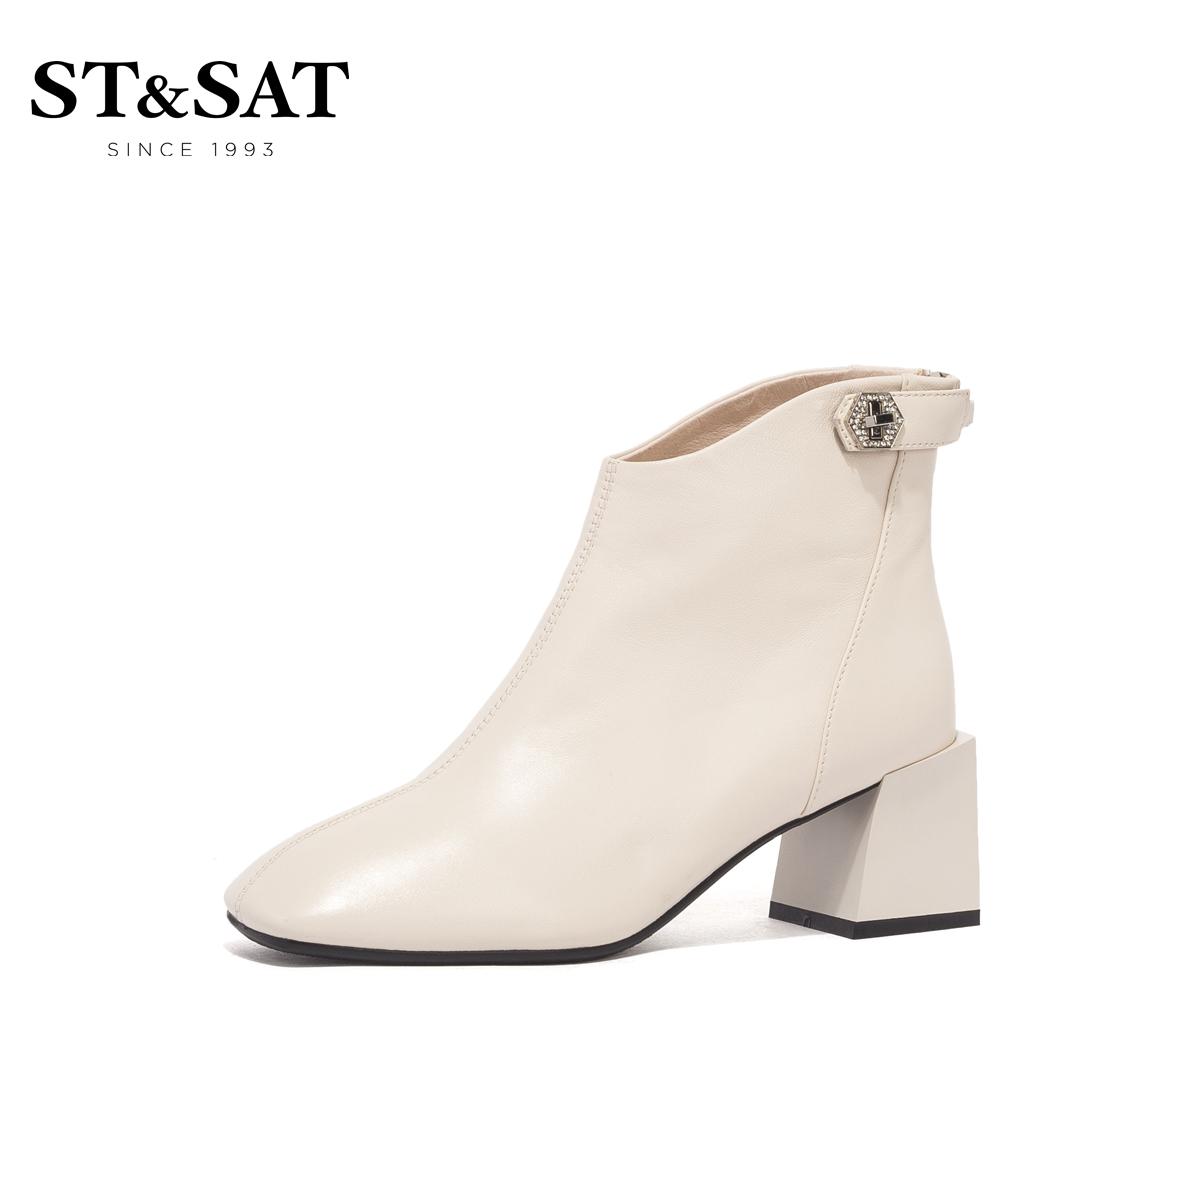 SS03116004 秋新粗跟短靴后拉链气质职业小白靴女 2020 星期六时装靴